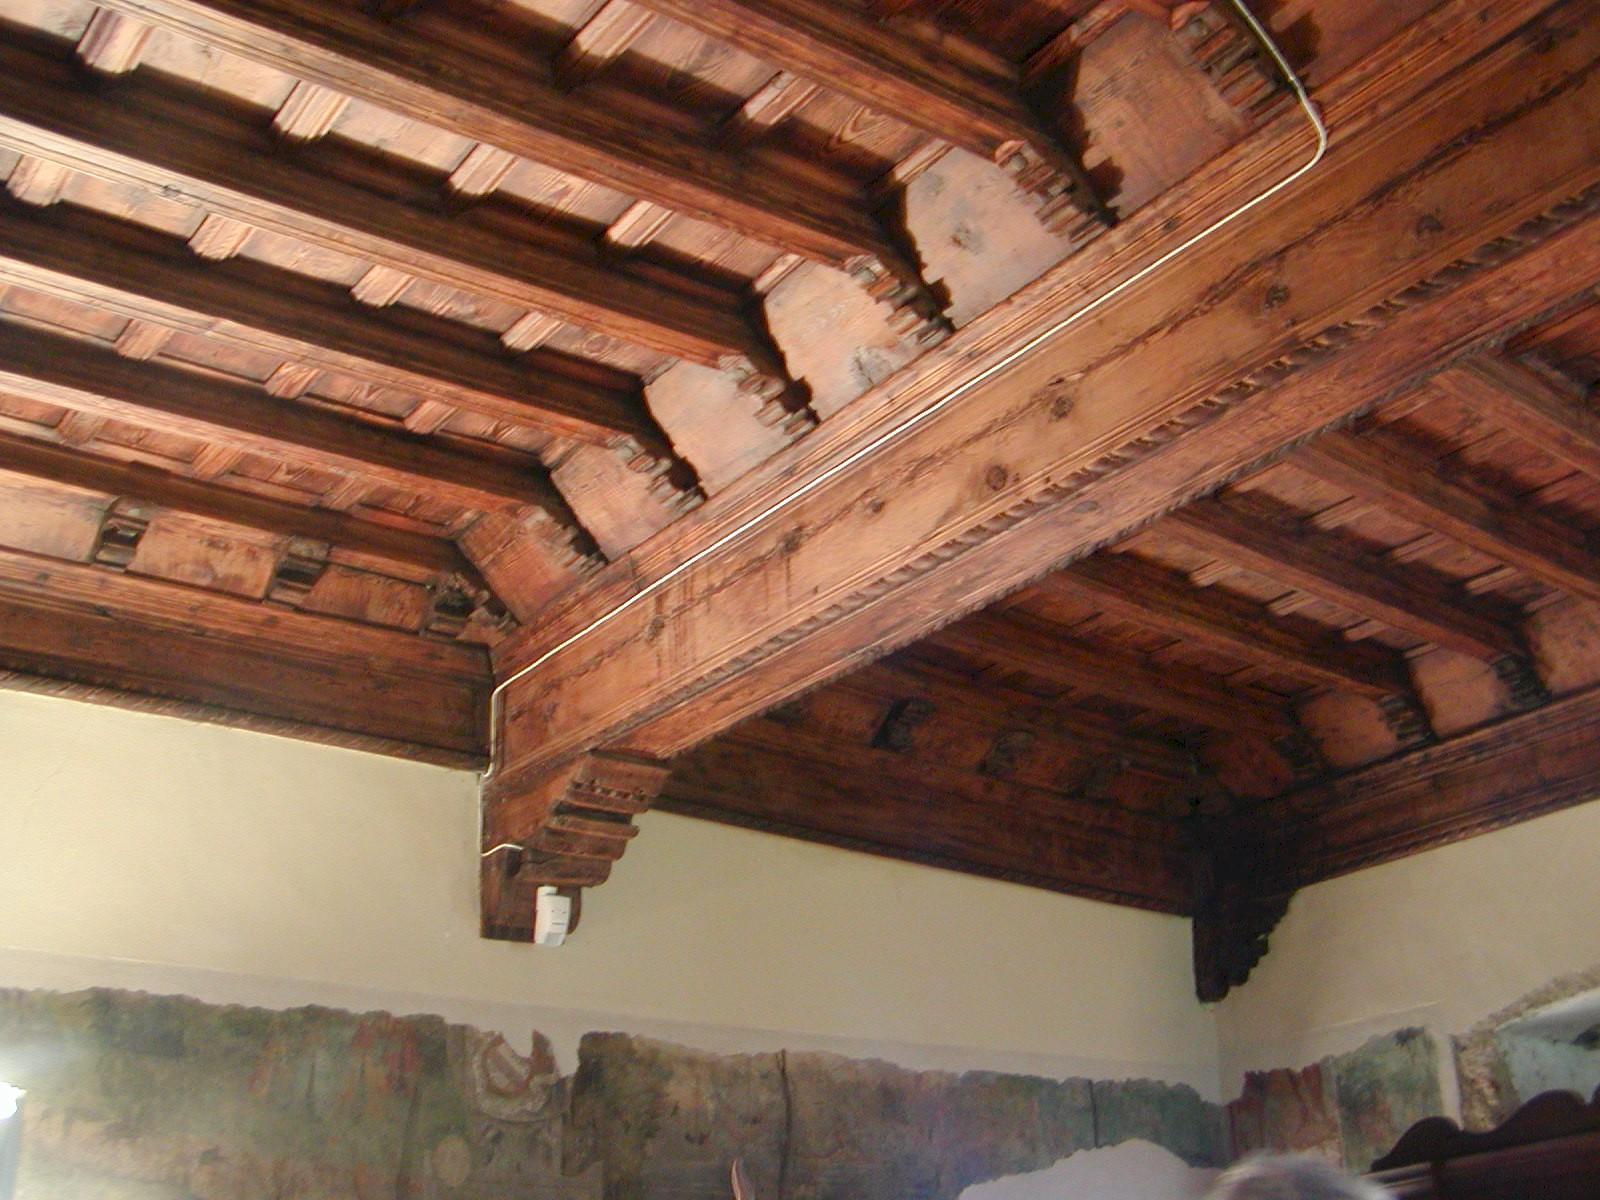 Consolidamento Solai In Legno.Palazzo Besta A Teglio So Consolidamento Solai In Legno